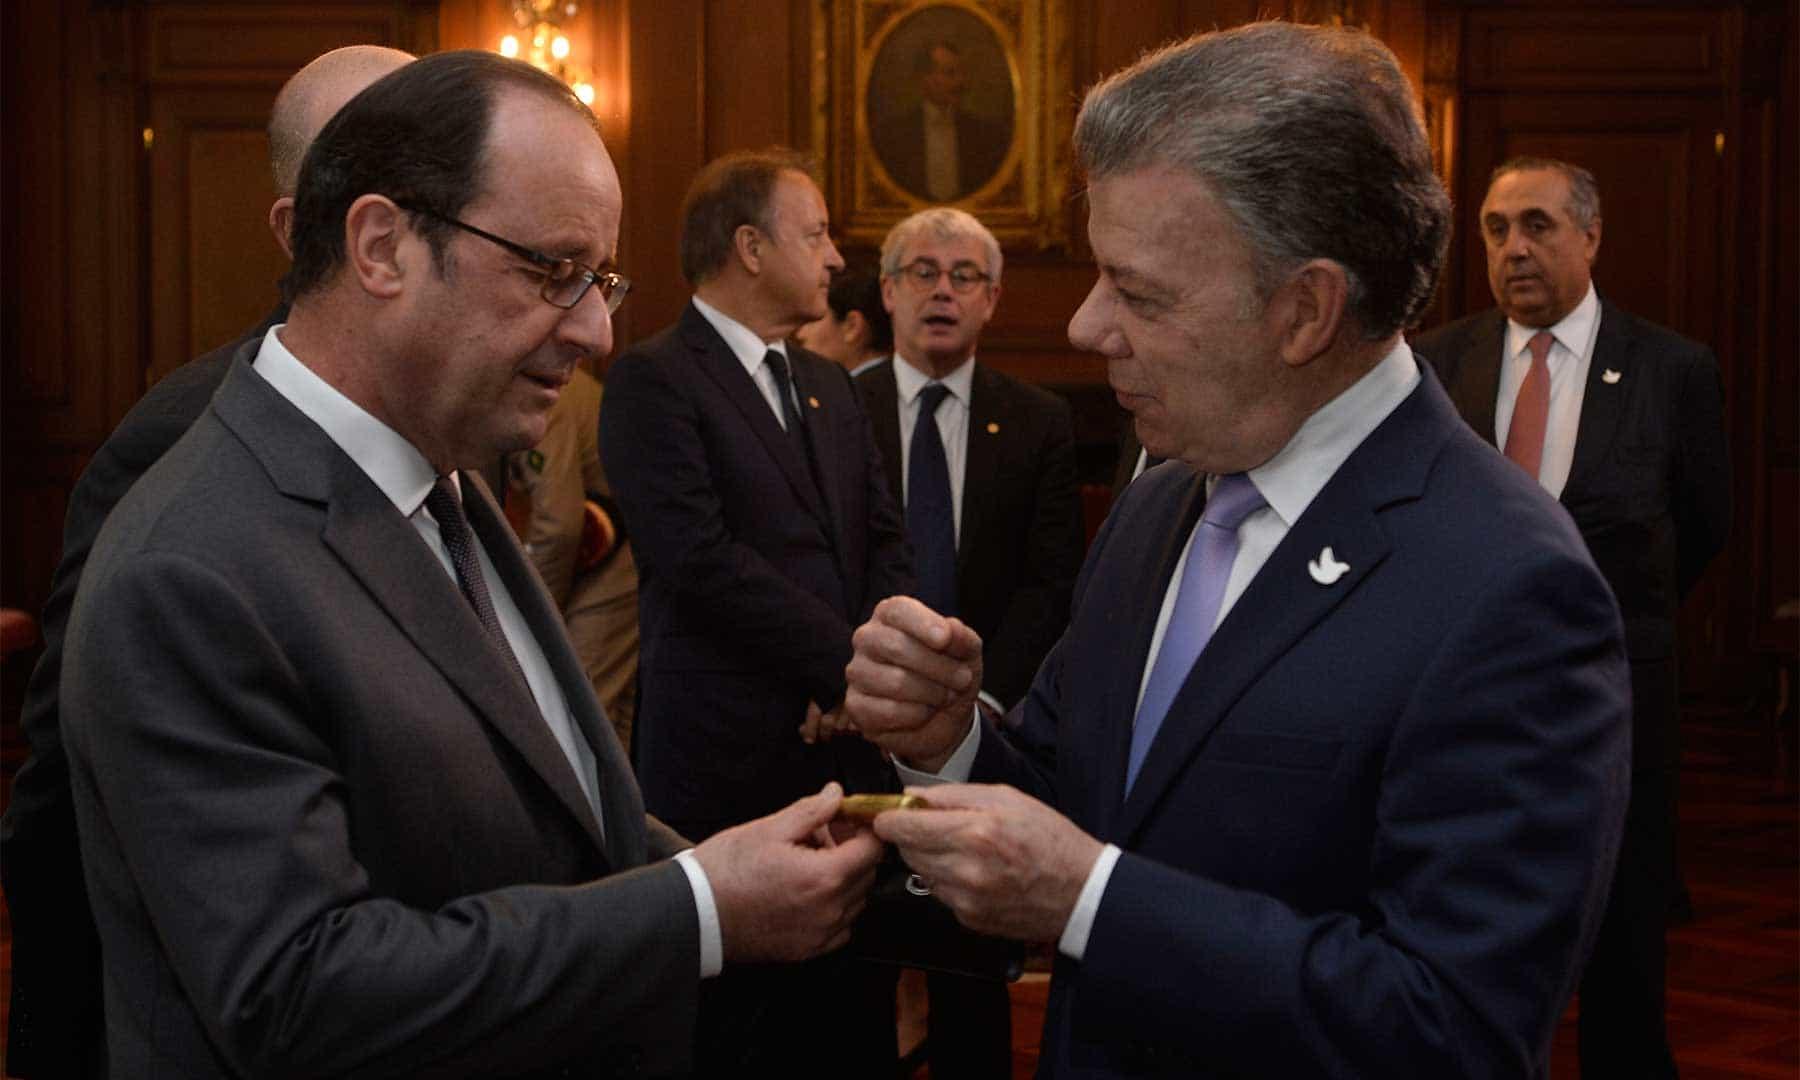 Santos Hollande